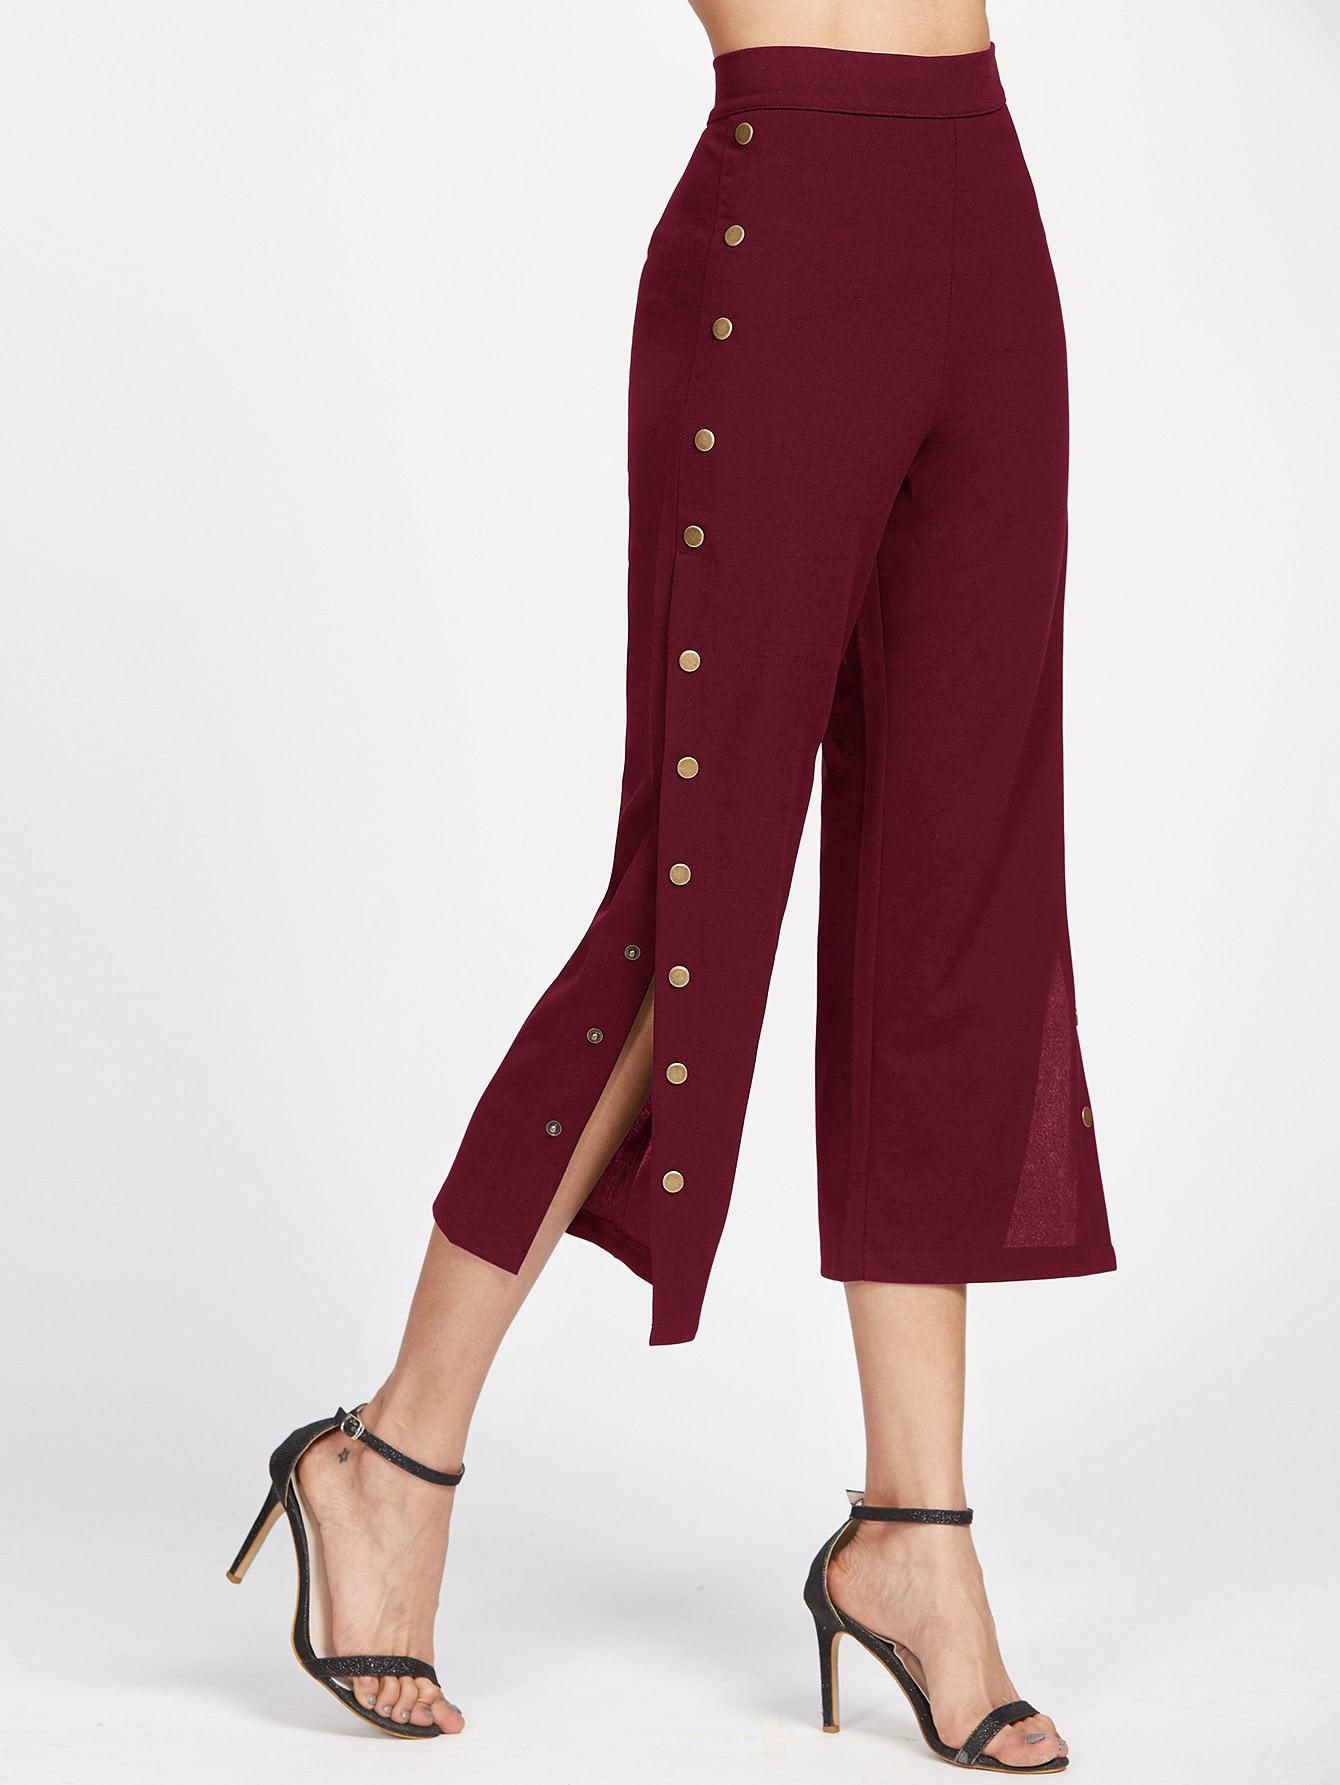 Metal Button Side Pants pants170605101